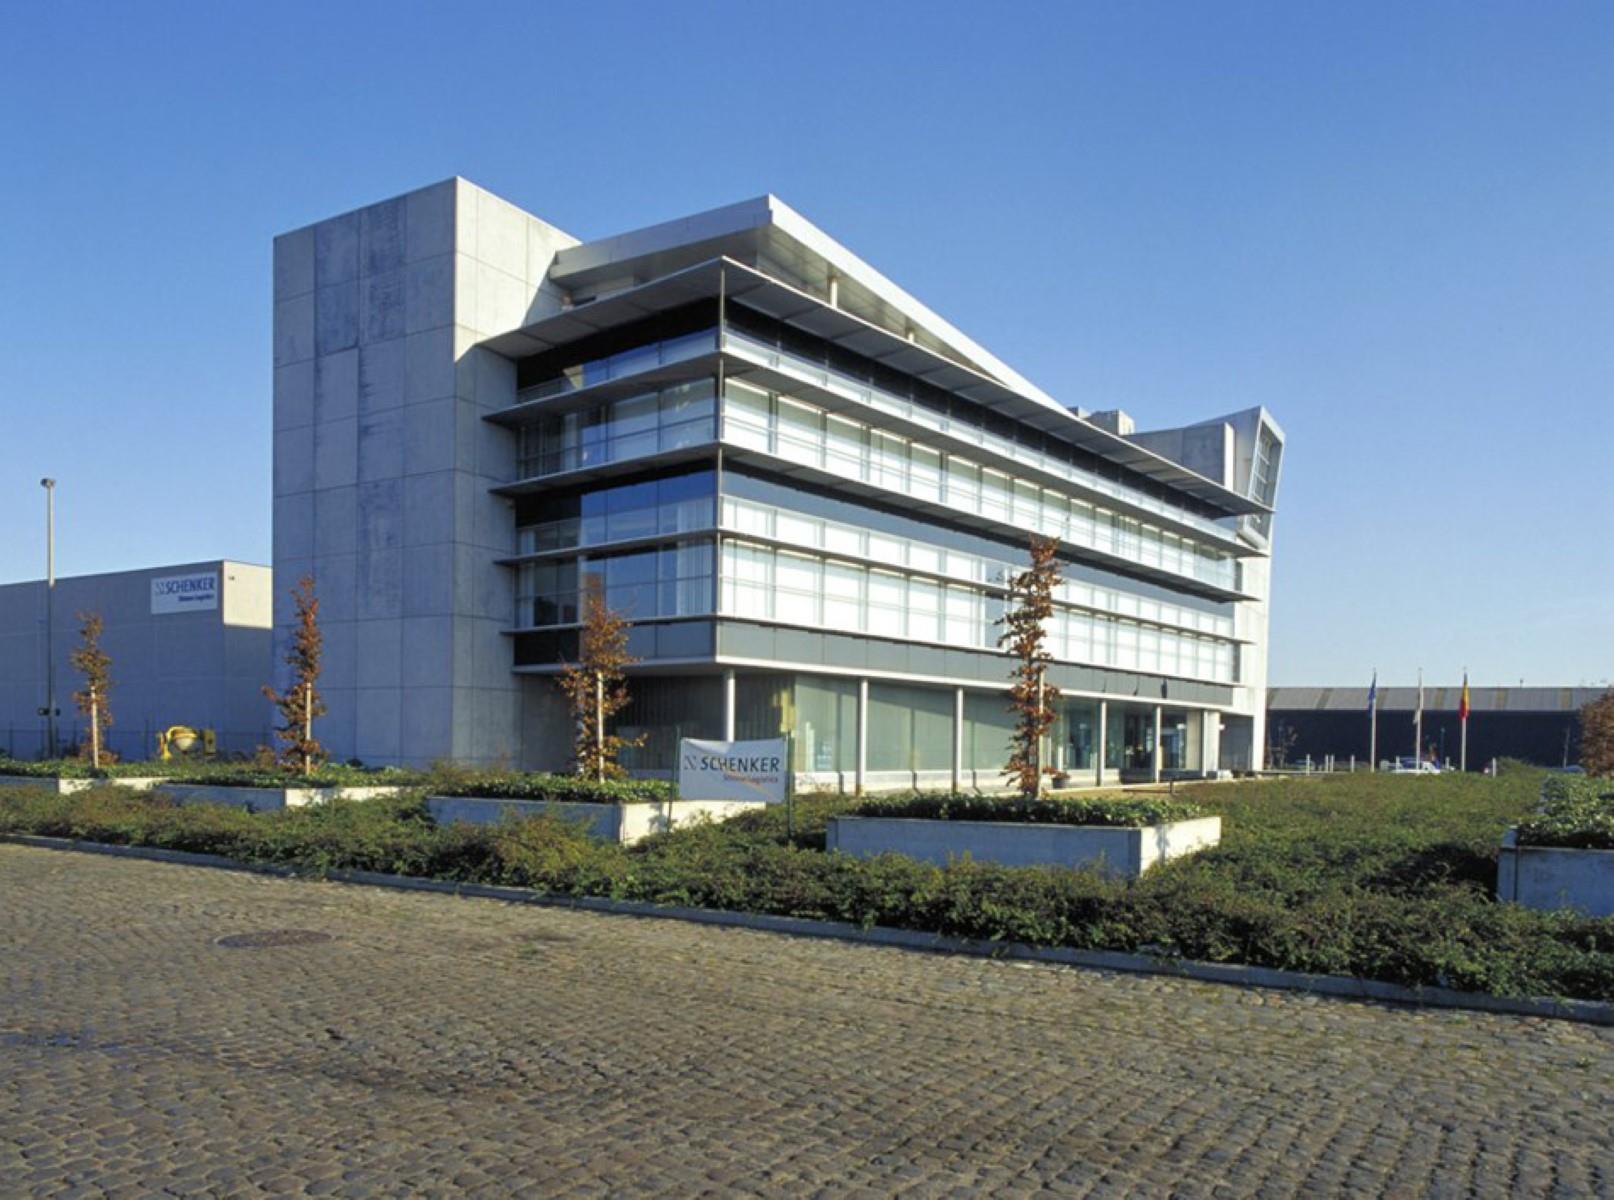 opslagplaats te huur I165 Straatsburgdok Twee/UNIT3 - Straatsburgdok Zuidkaai , 2030 Antwerpen, België 4